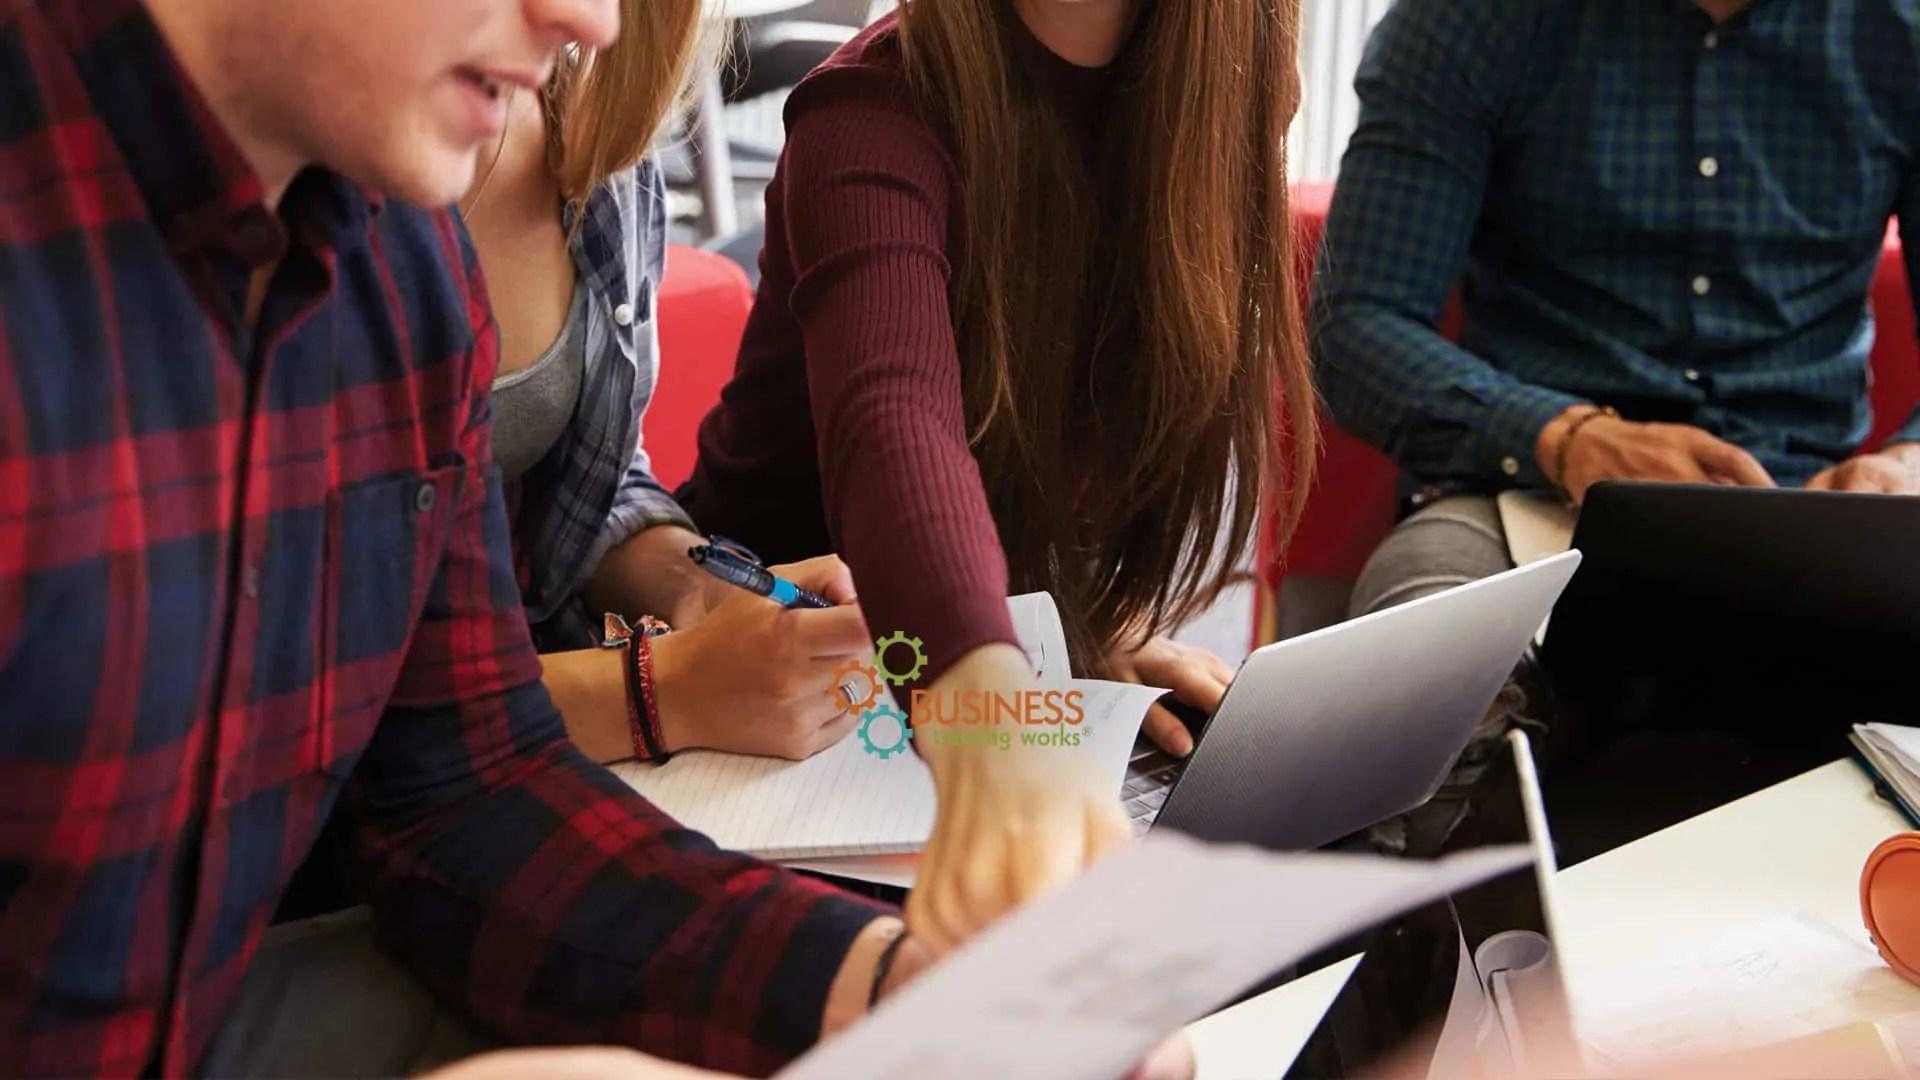 Web-Based Management Training Programs